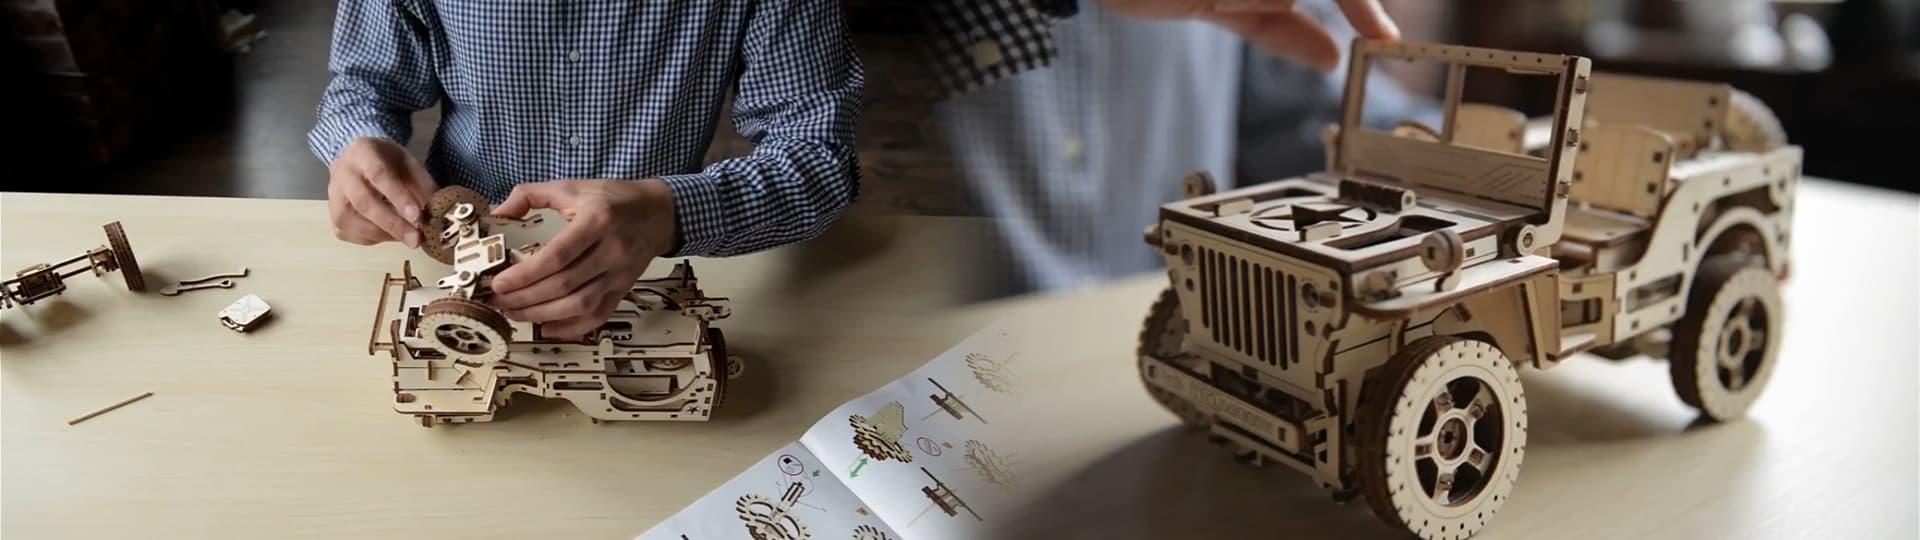 mechanical models - główne zdjęcie